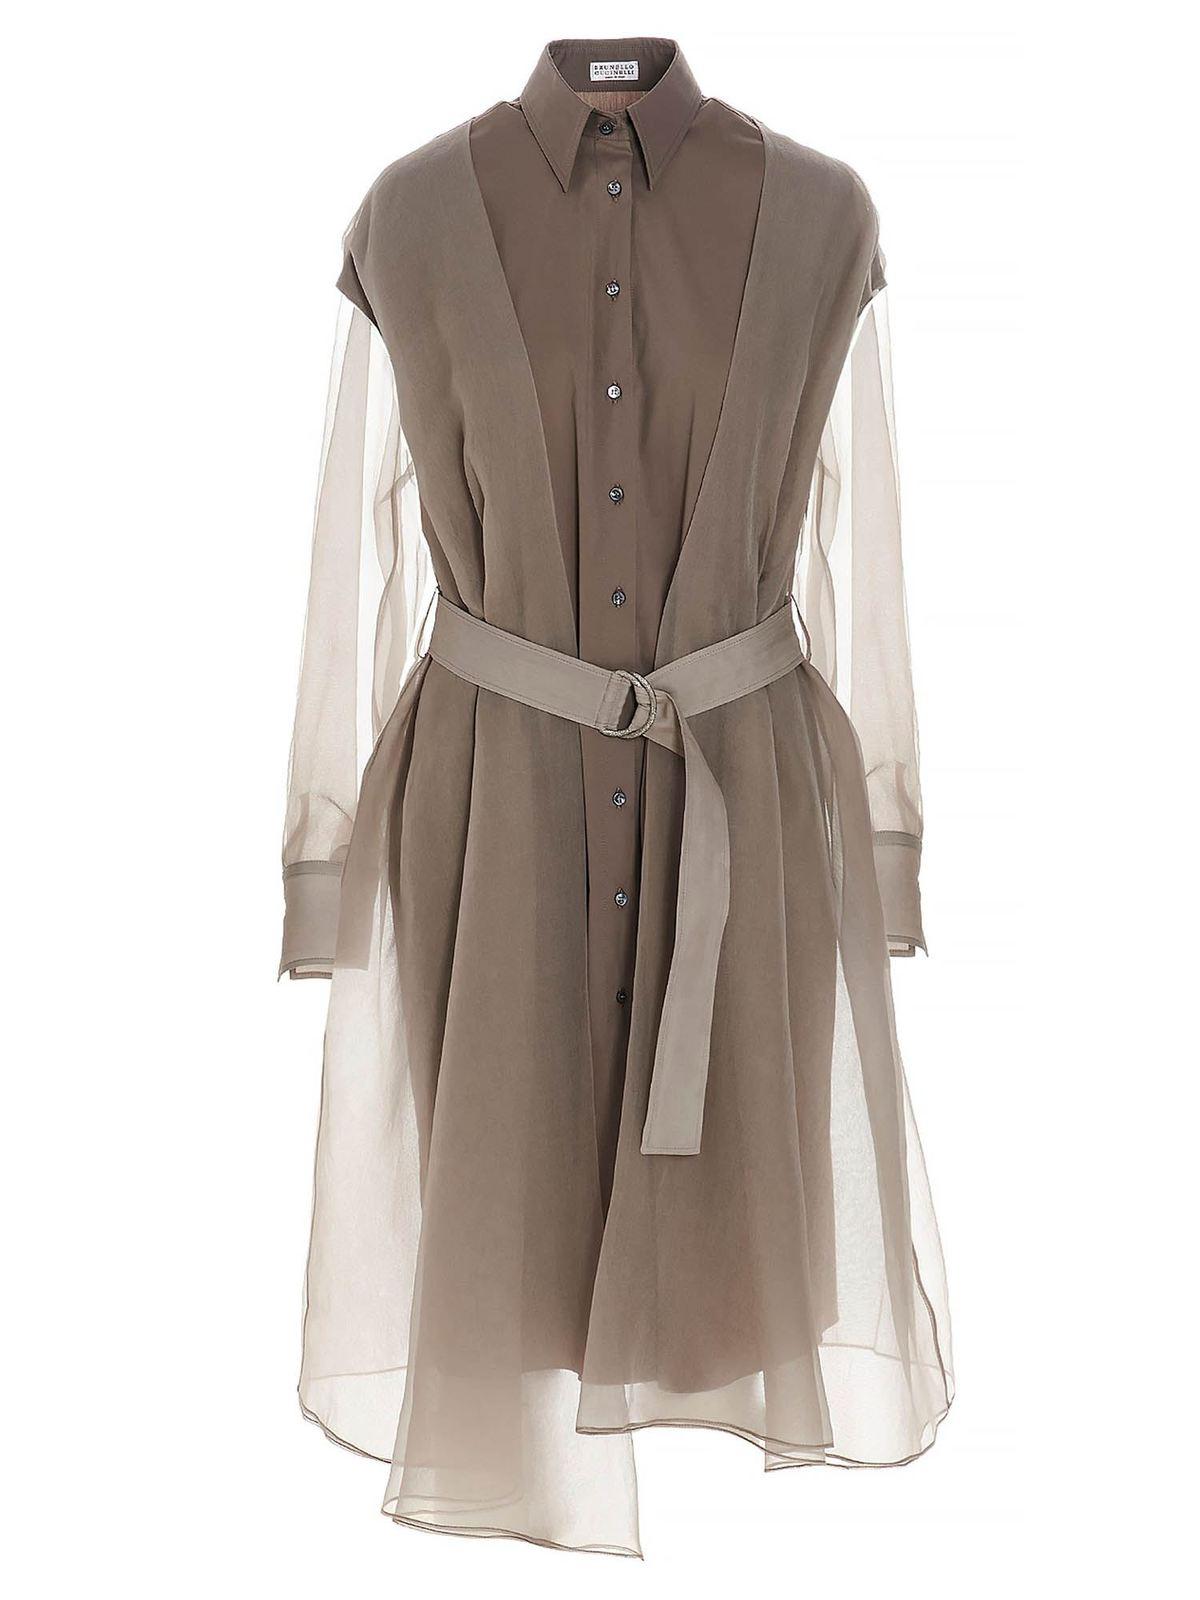 Brunello Cucinelli Silks MONILI BELT SHIRT DRESS IN BEIGE